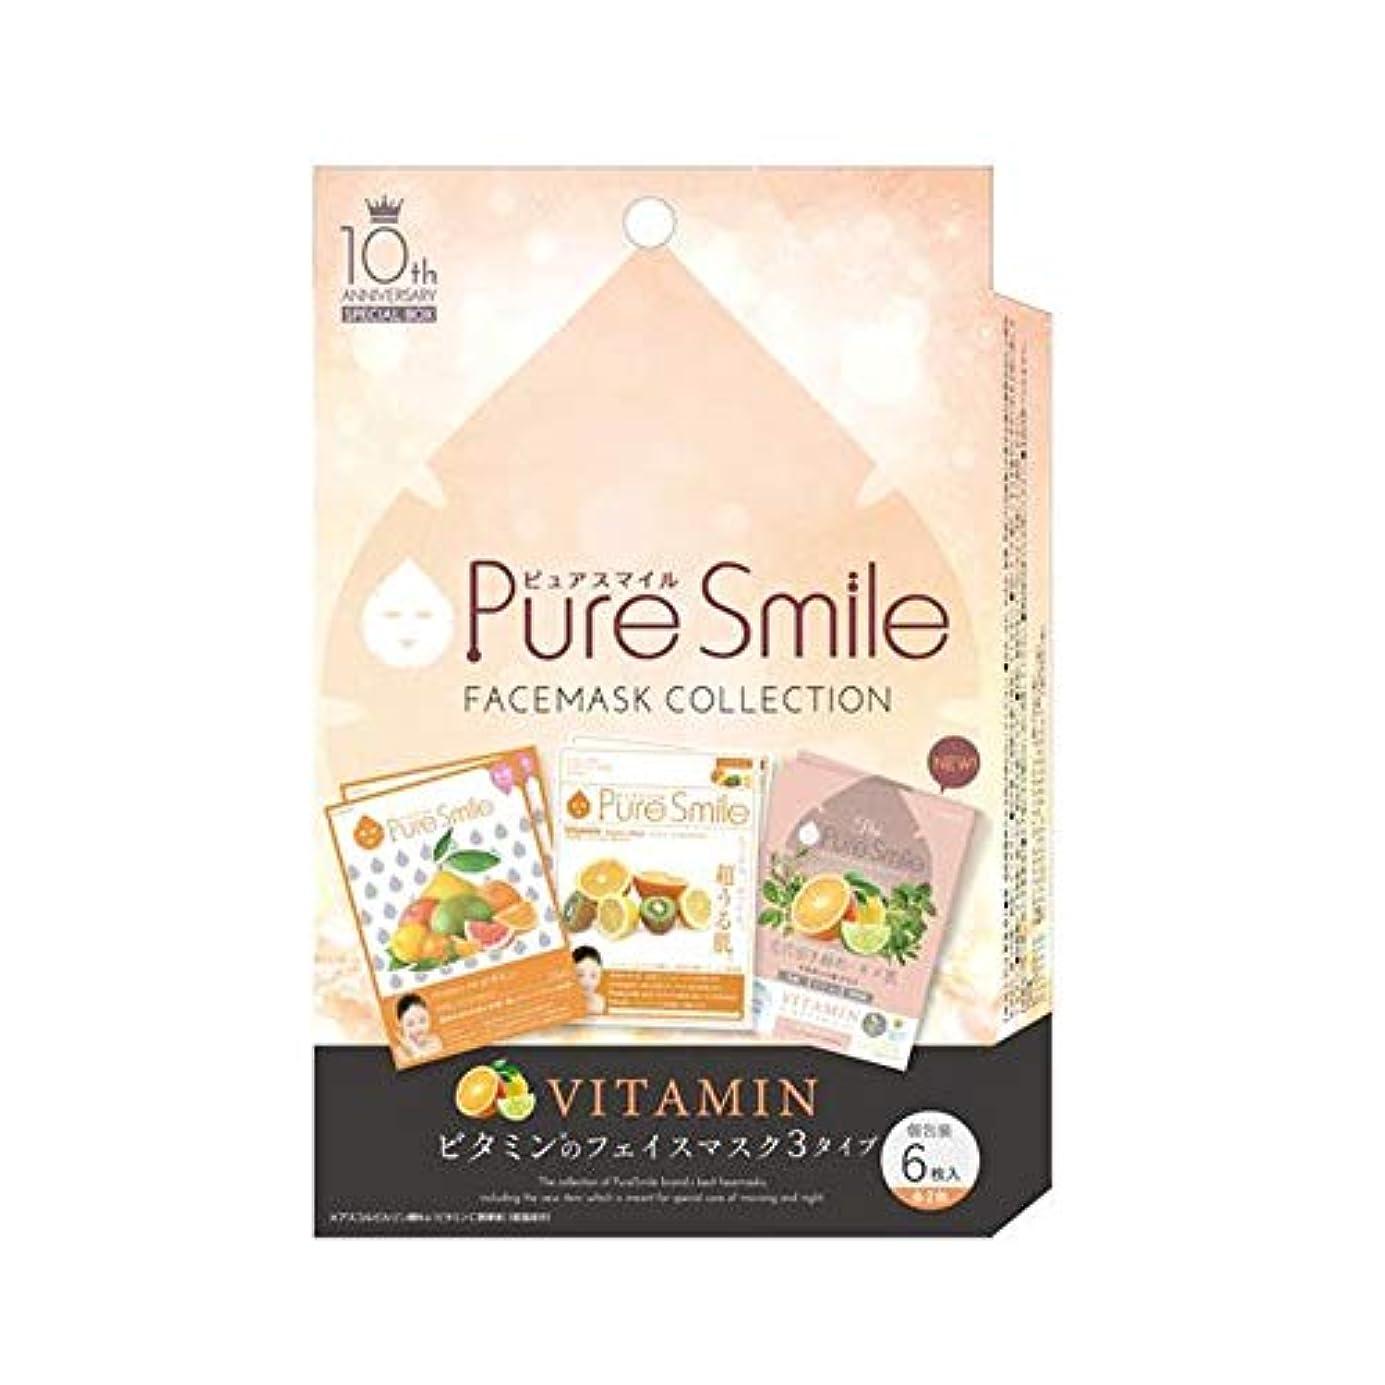 訪問教養がある継続中ピュア スマイル Pure Smile 10thアニバーサリー スペシャルボックス ビタミン 6枚入り